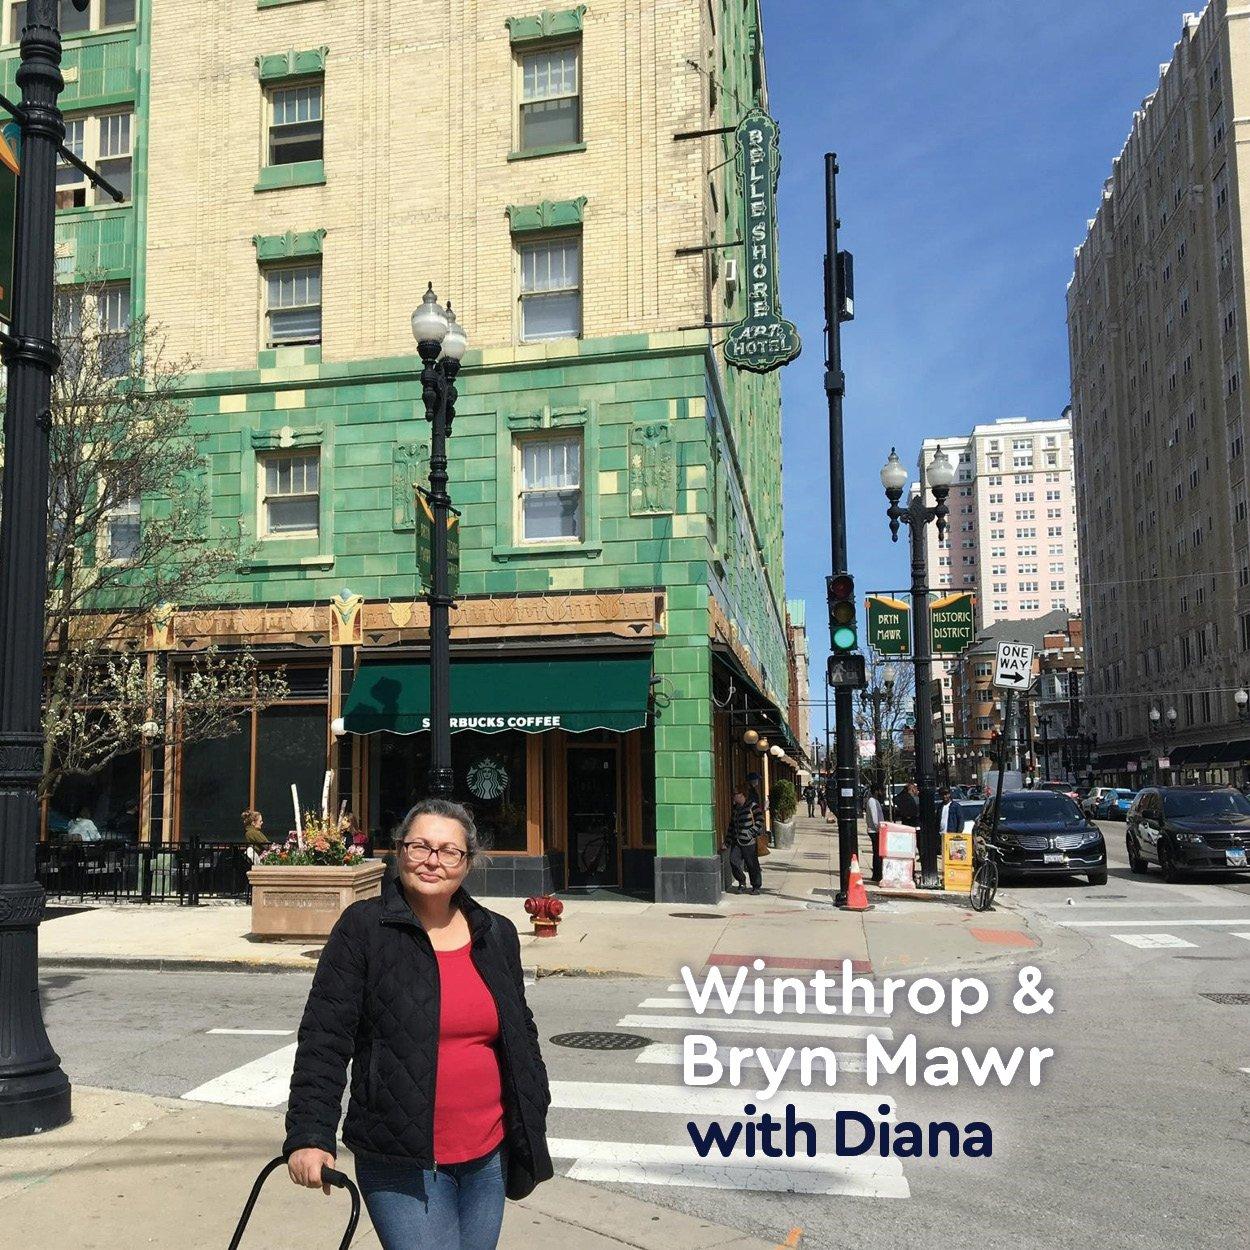 Diana at Winthrop & Bryn Mawr